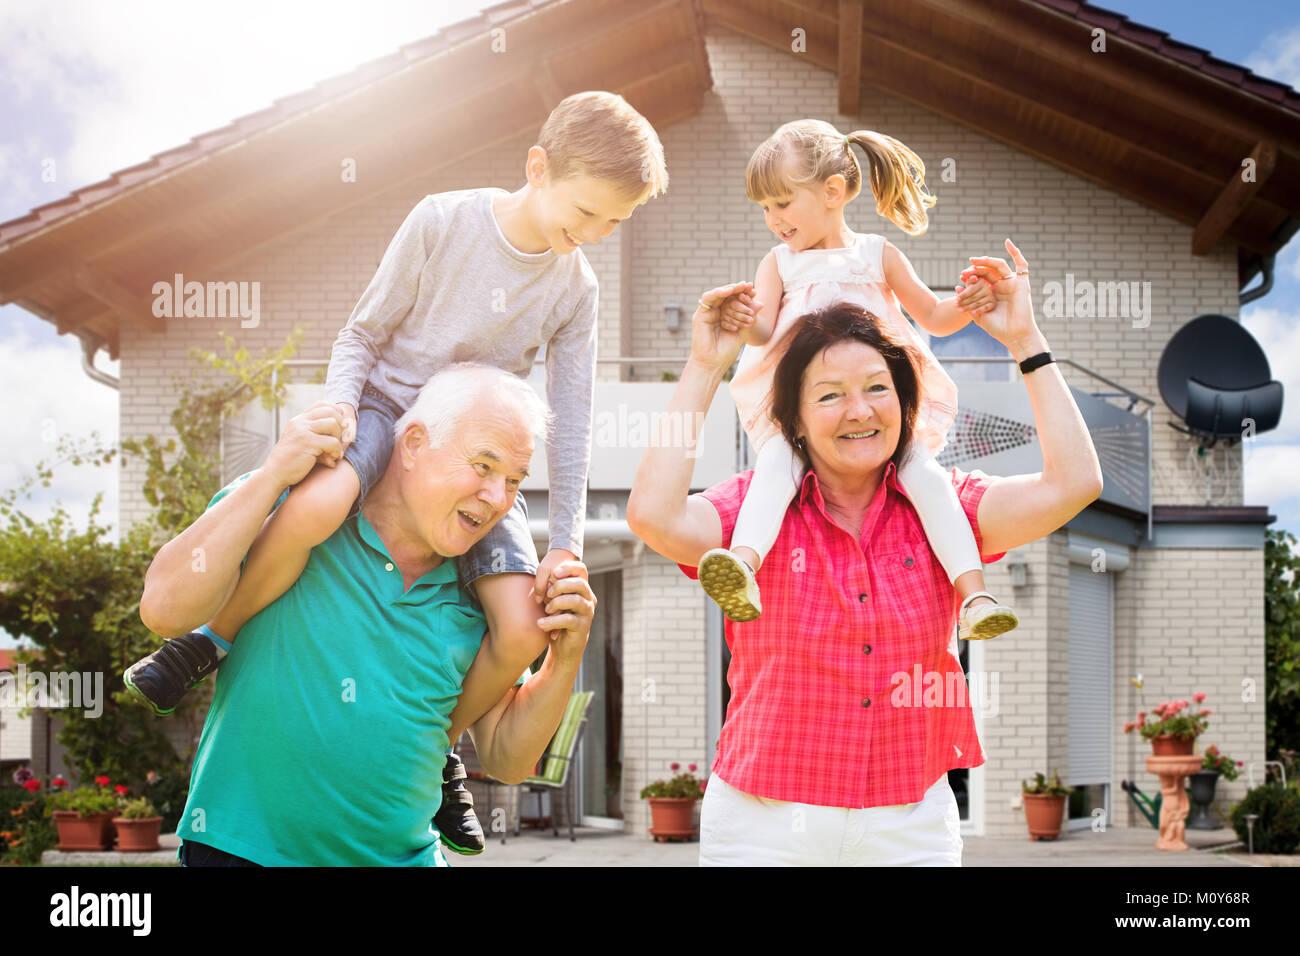 Sorridente nipoti è seduta sul nonno spalla godendo al di fuori della loro casa Immagini Stock